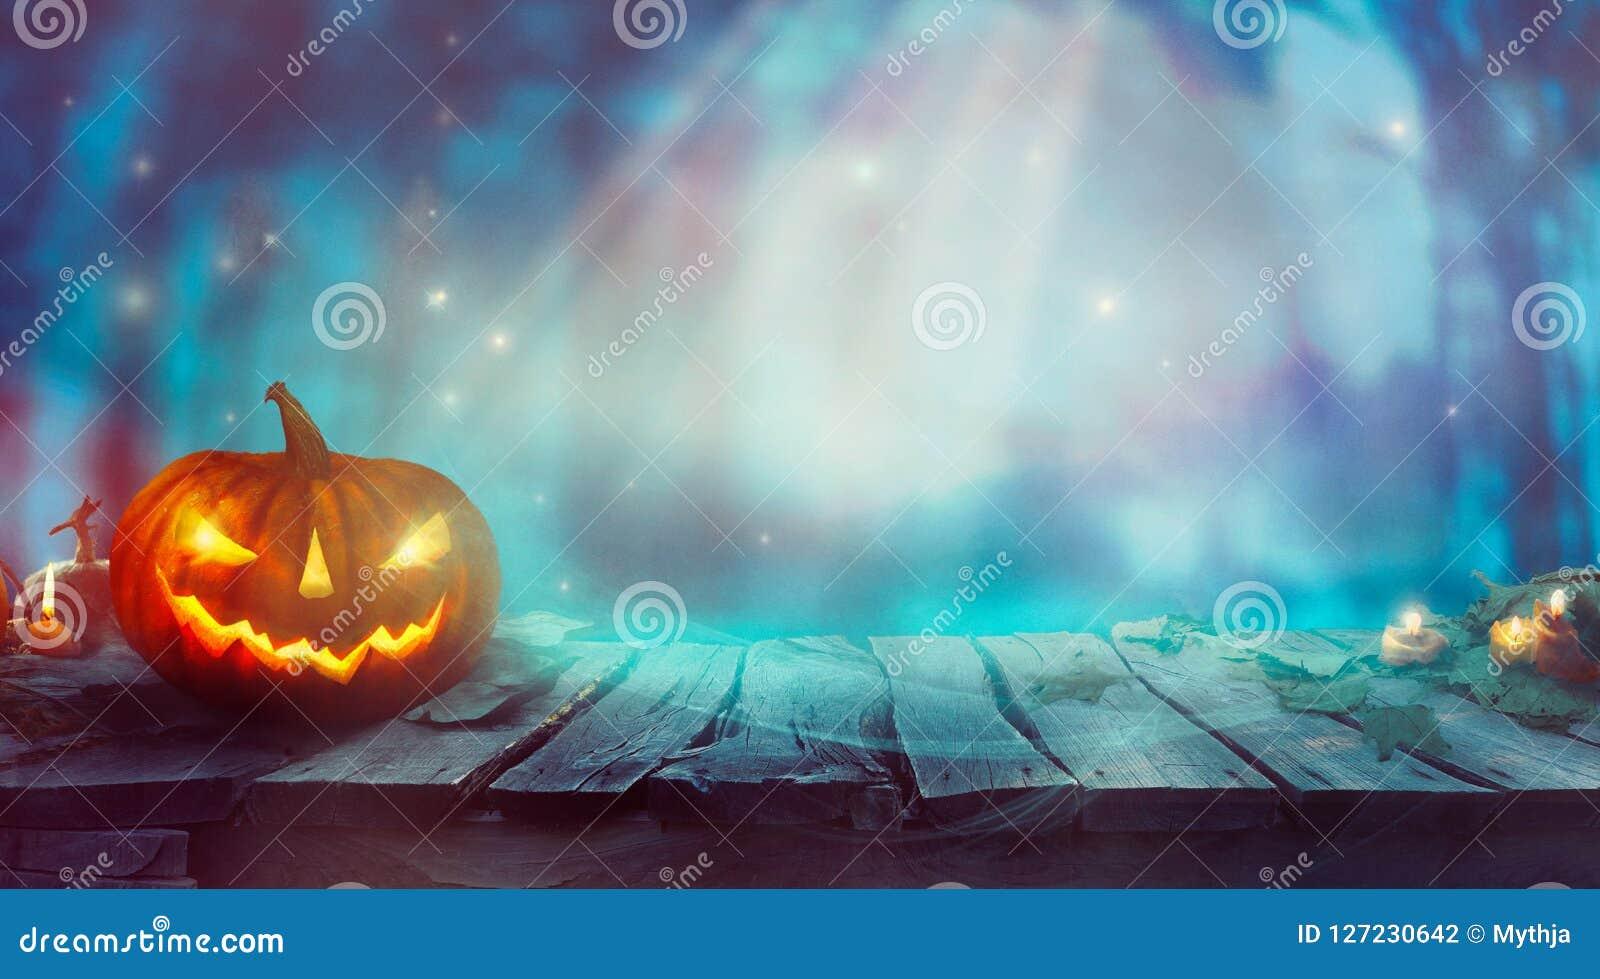 Pompoen En Halloween.Halloween Met Pompoen En Donker Forest Spooky Halloween